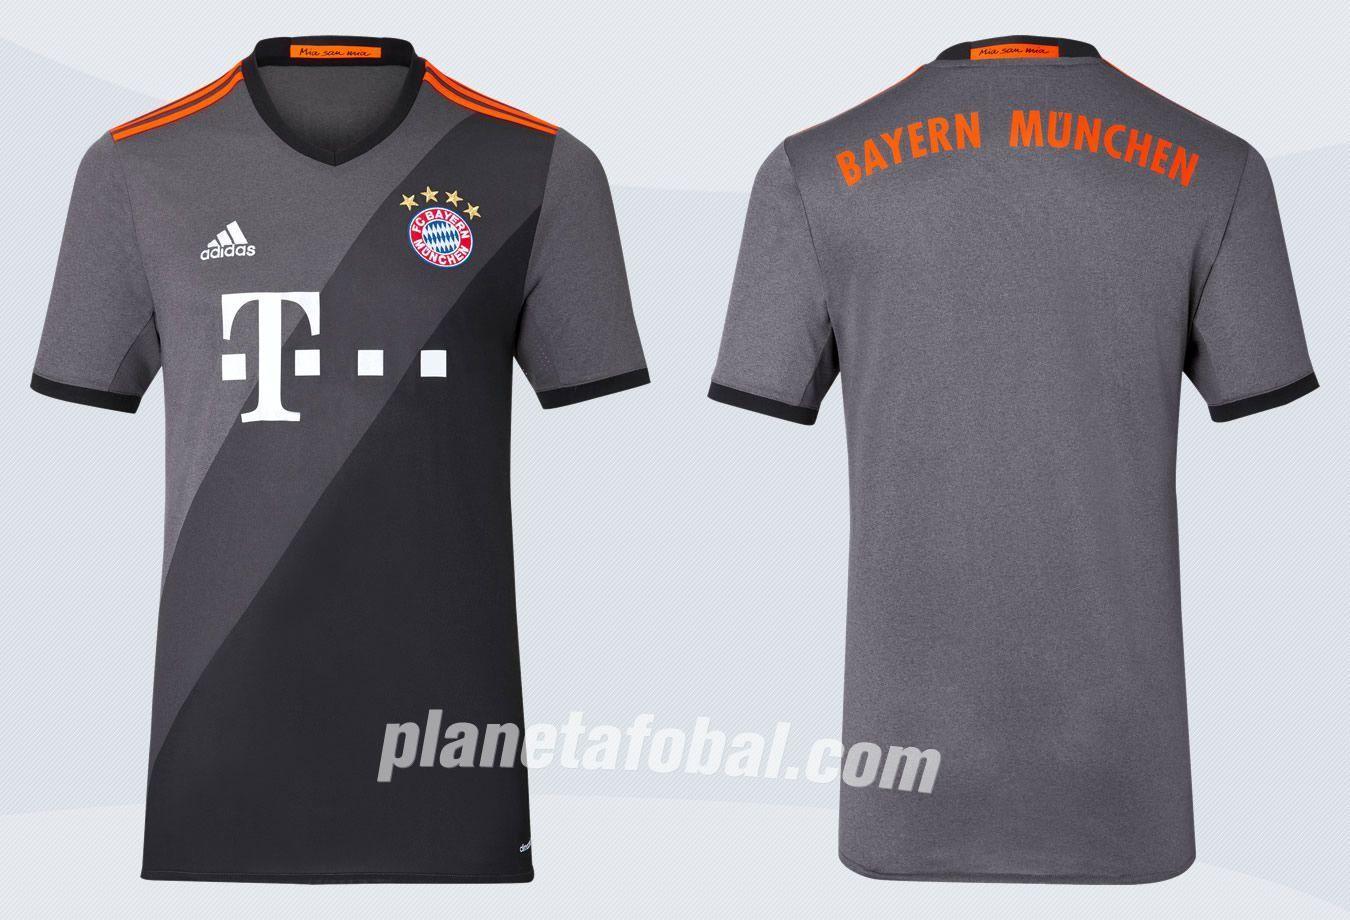 Camiseta suplente Adidas del FC Bayern para 2016/2017 | Imágenes Tienda oficial